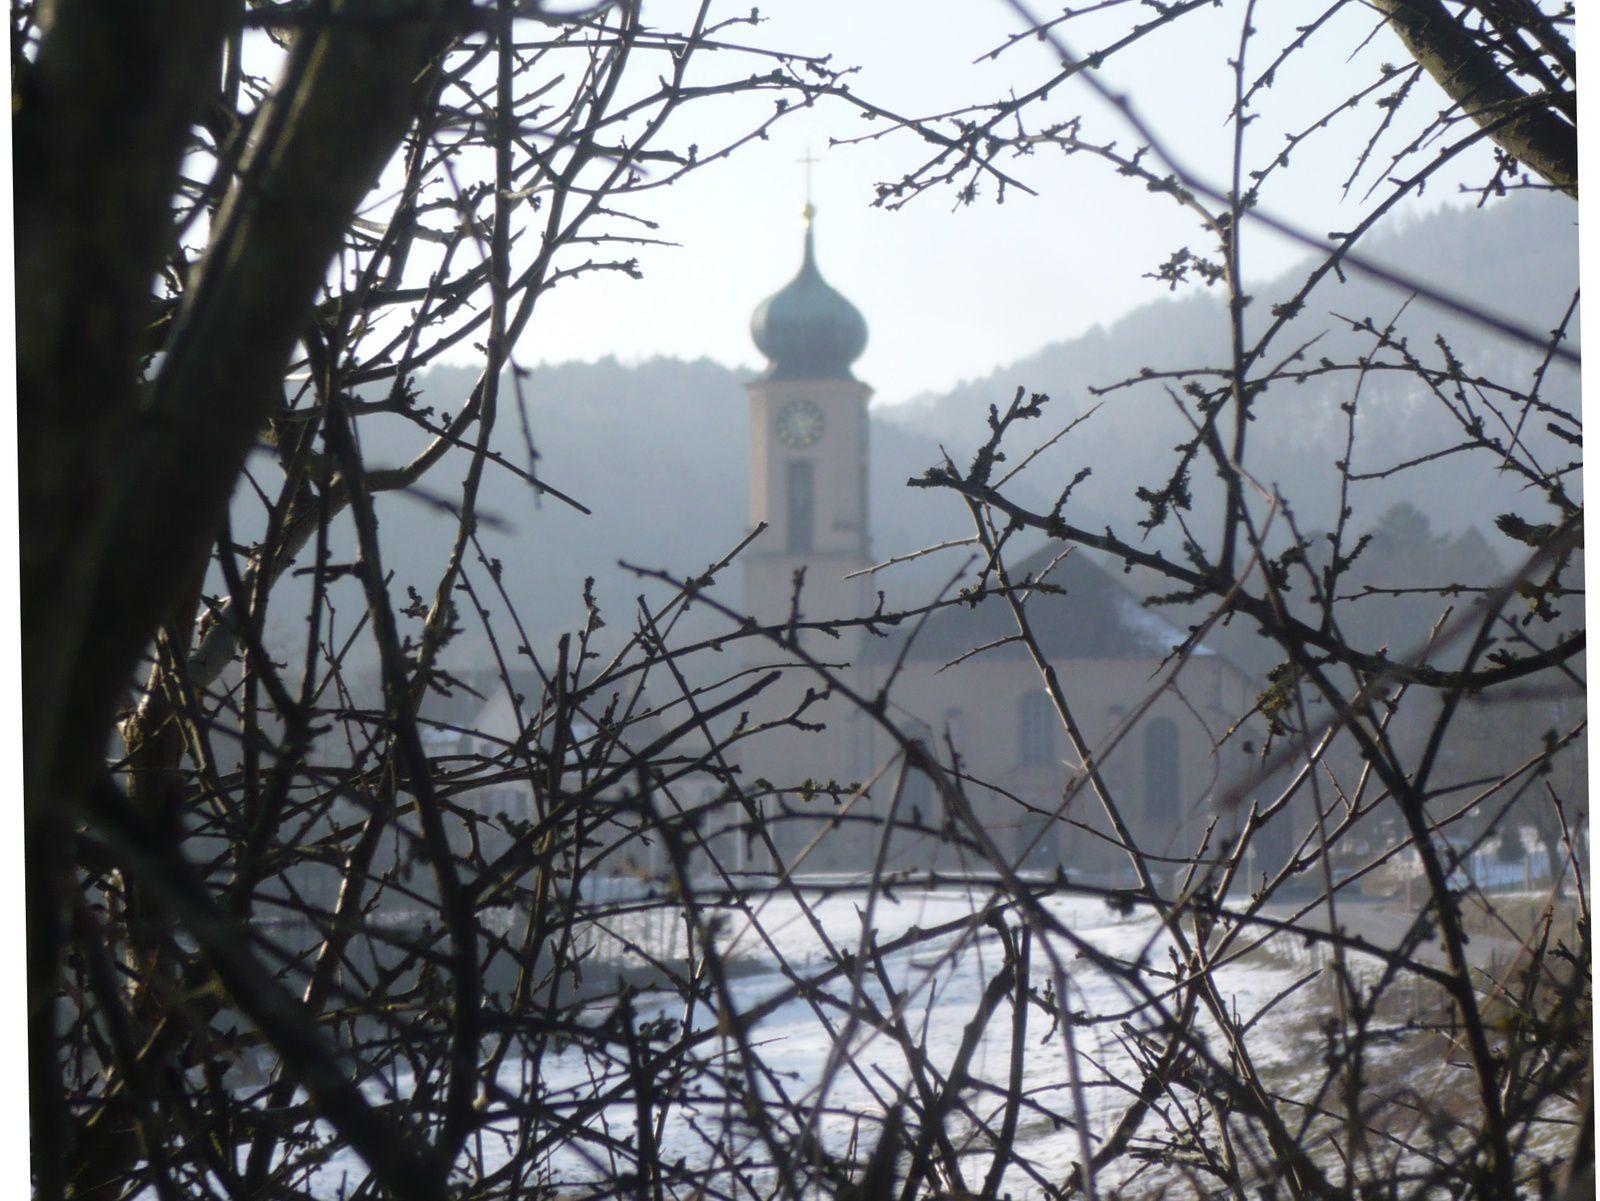 Mercredi 1er février - Randonnée de Soultz à Wattwiller, à travers vignes et forêts